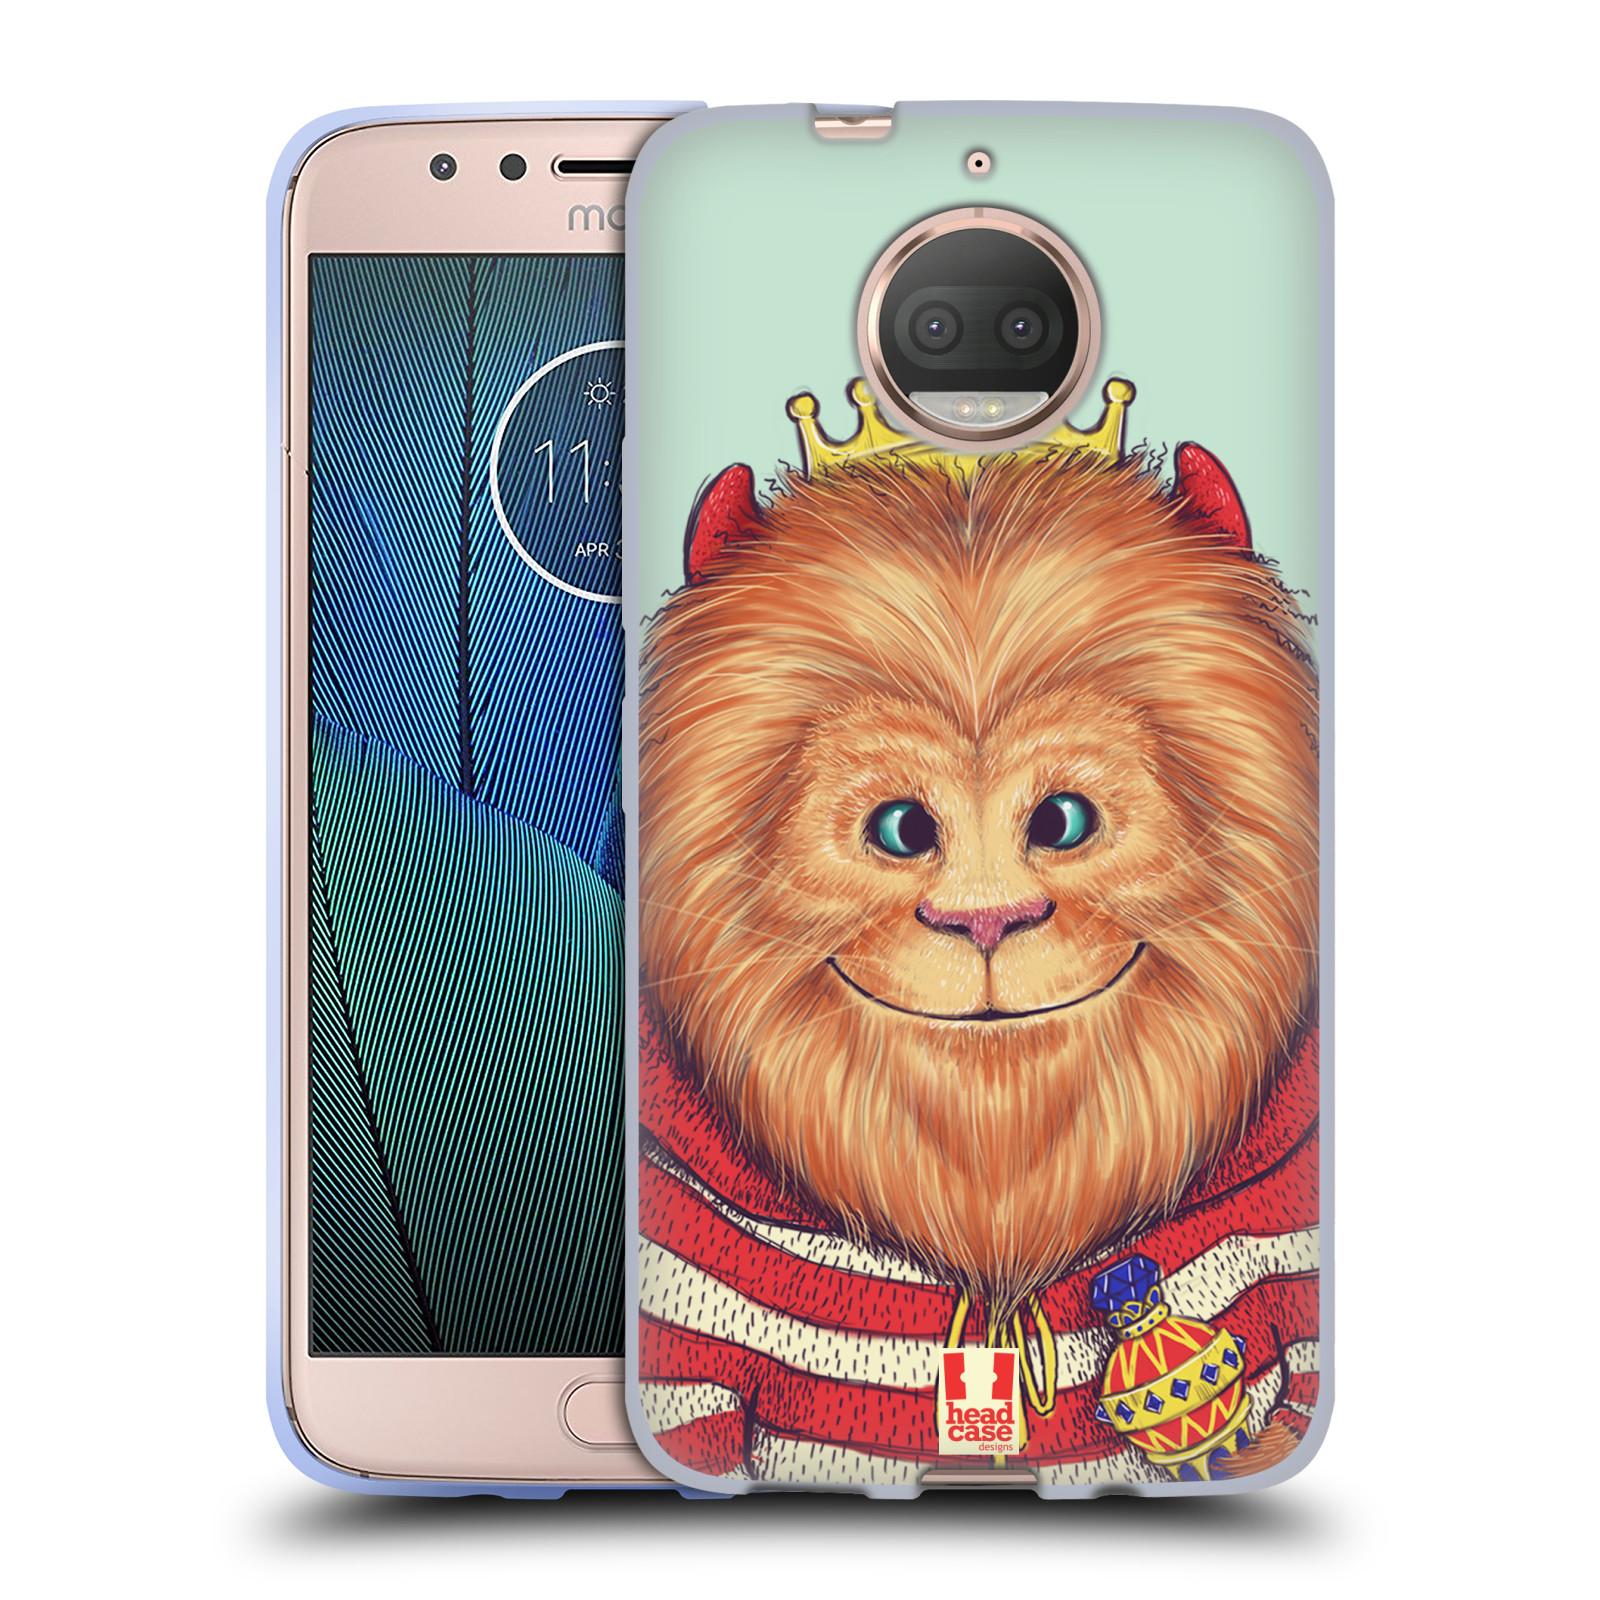 HEAD CASE silikonový obal na mobil Lenovo Moto G5s PLUS vzor Kreslená zvířátka lev